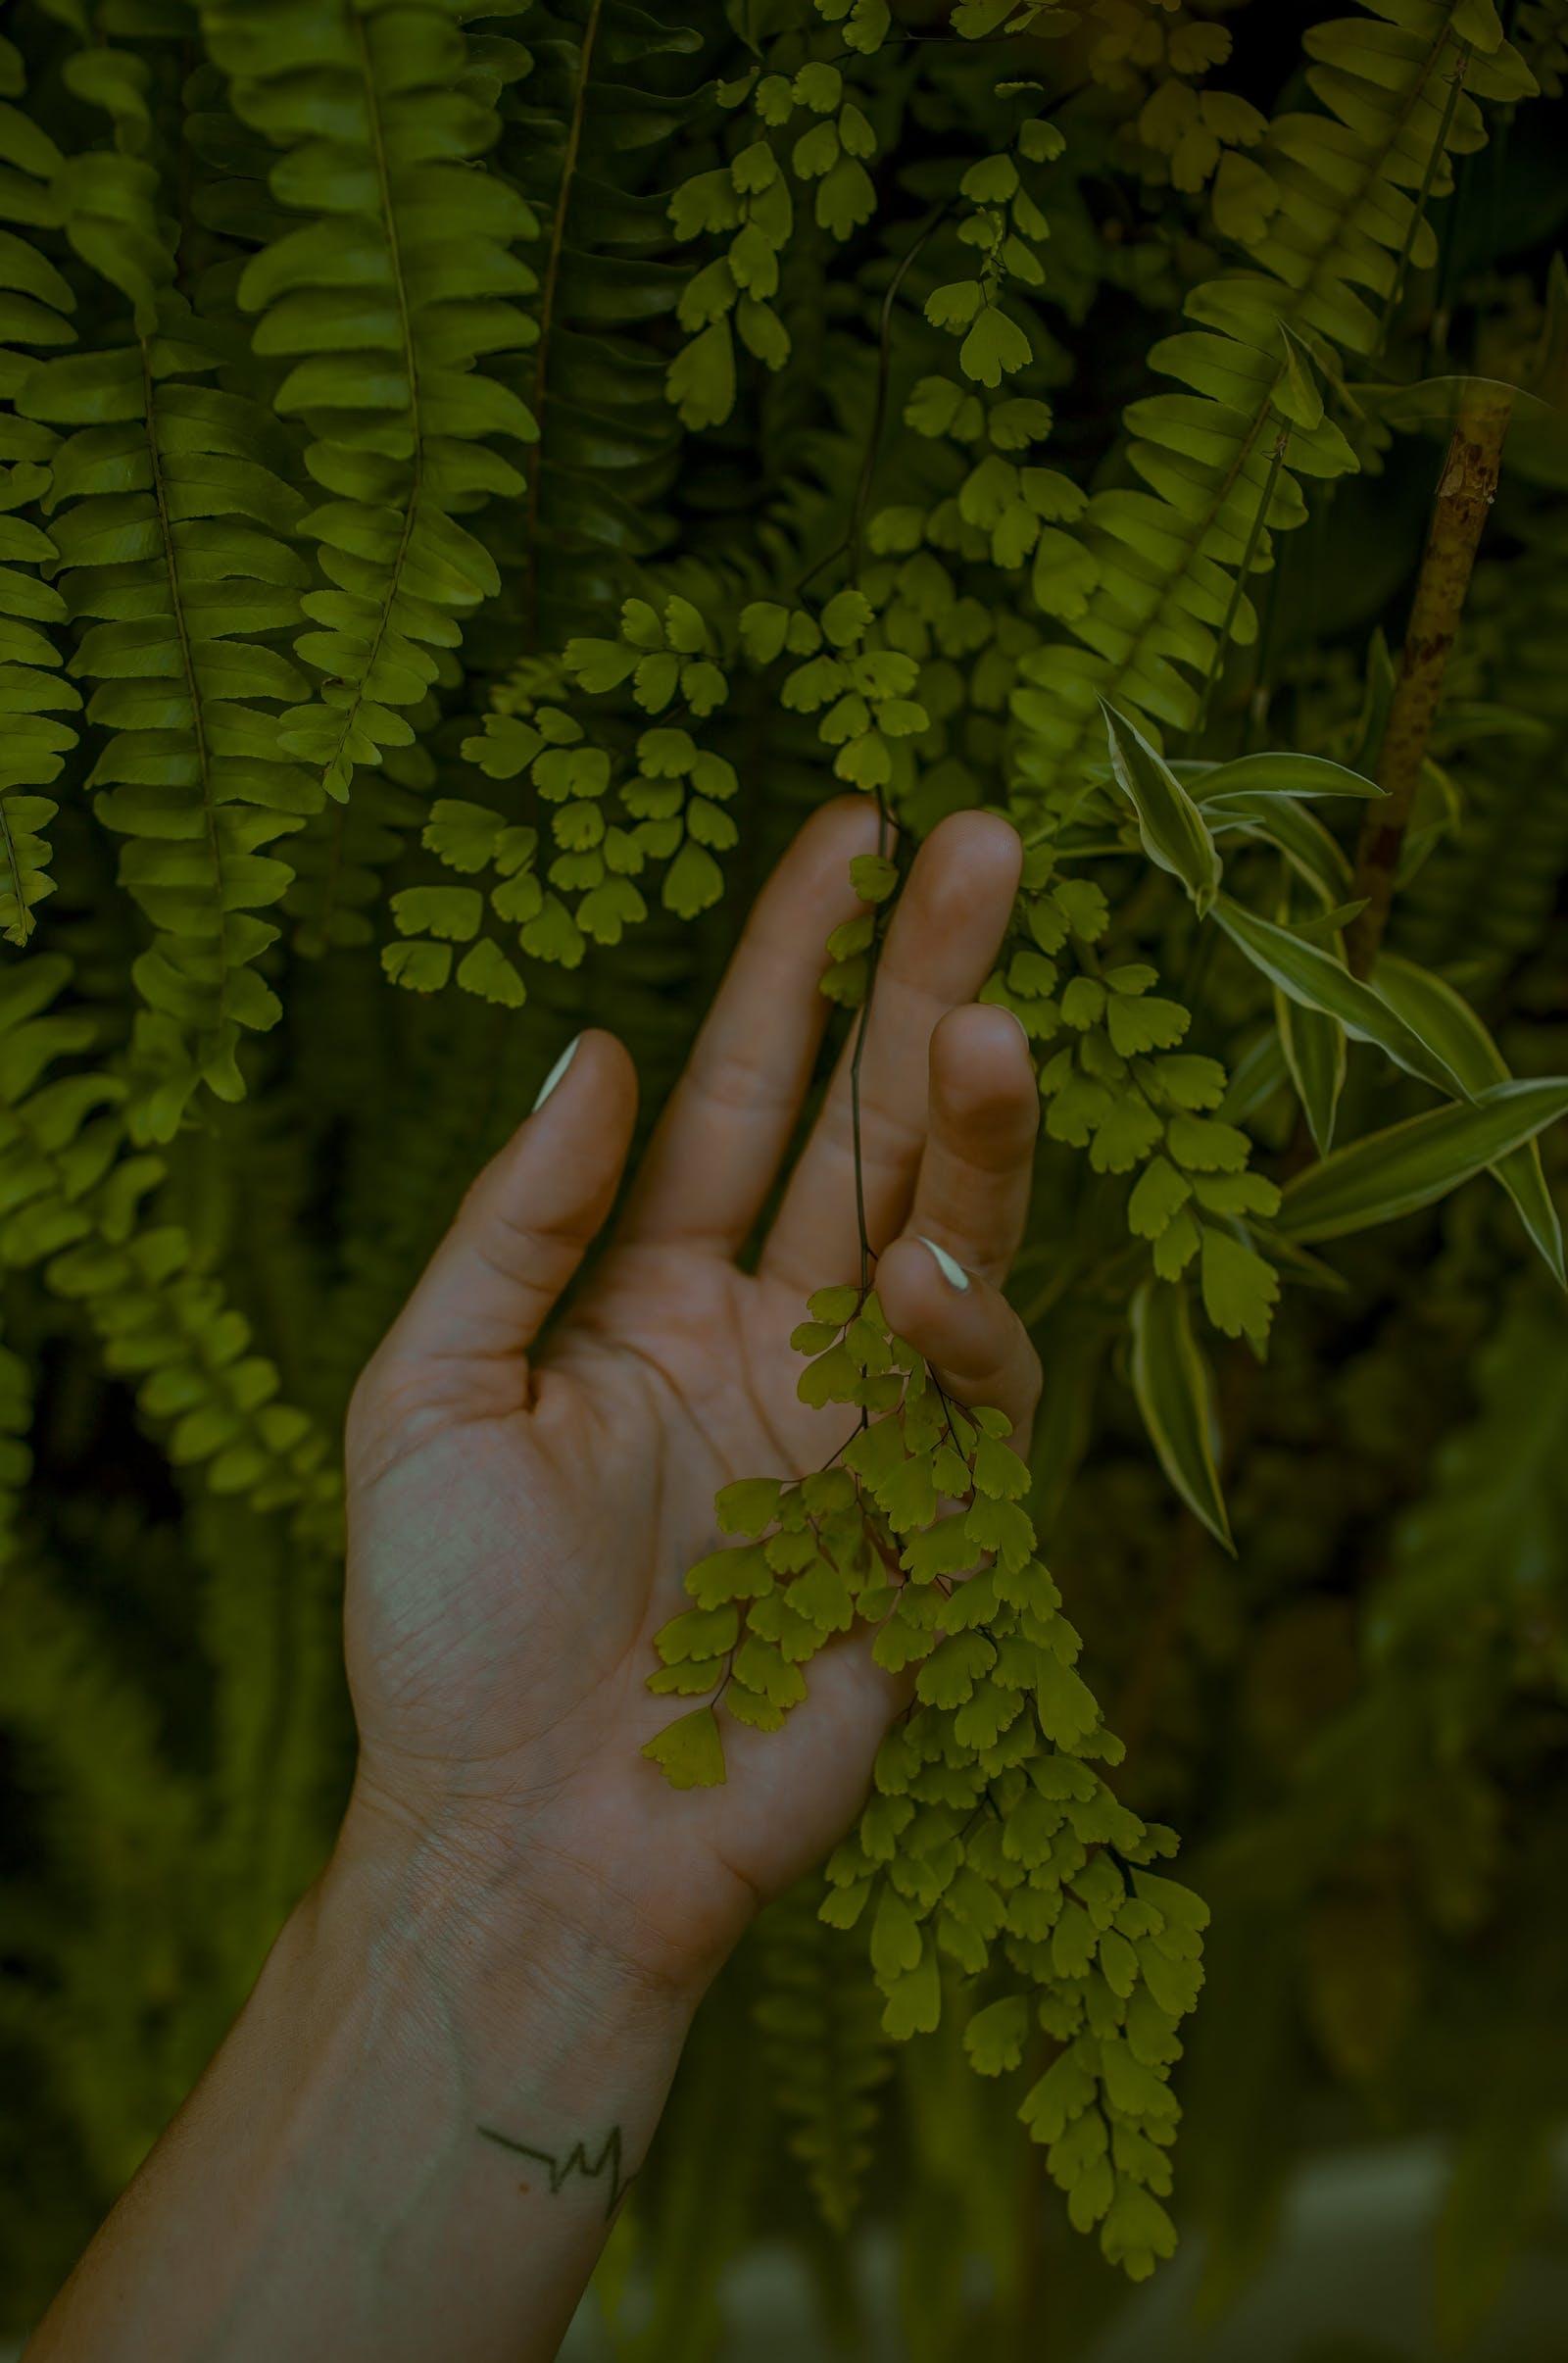 Naturopathie – naturopathe – soigner de façon naturelle – soins naturels – soin par les plantes et les huiles essentielles - aromathérapie.